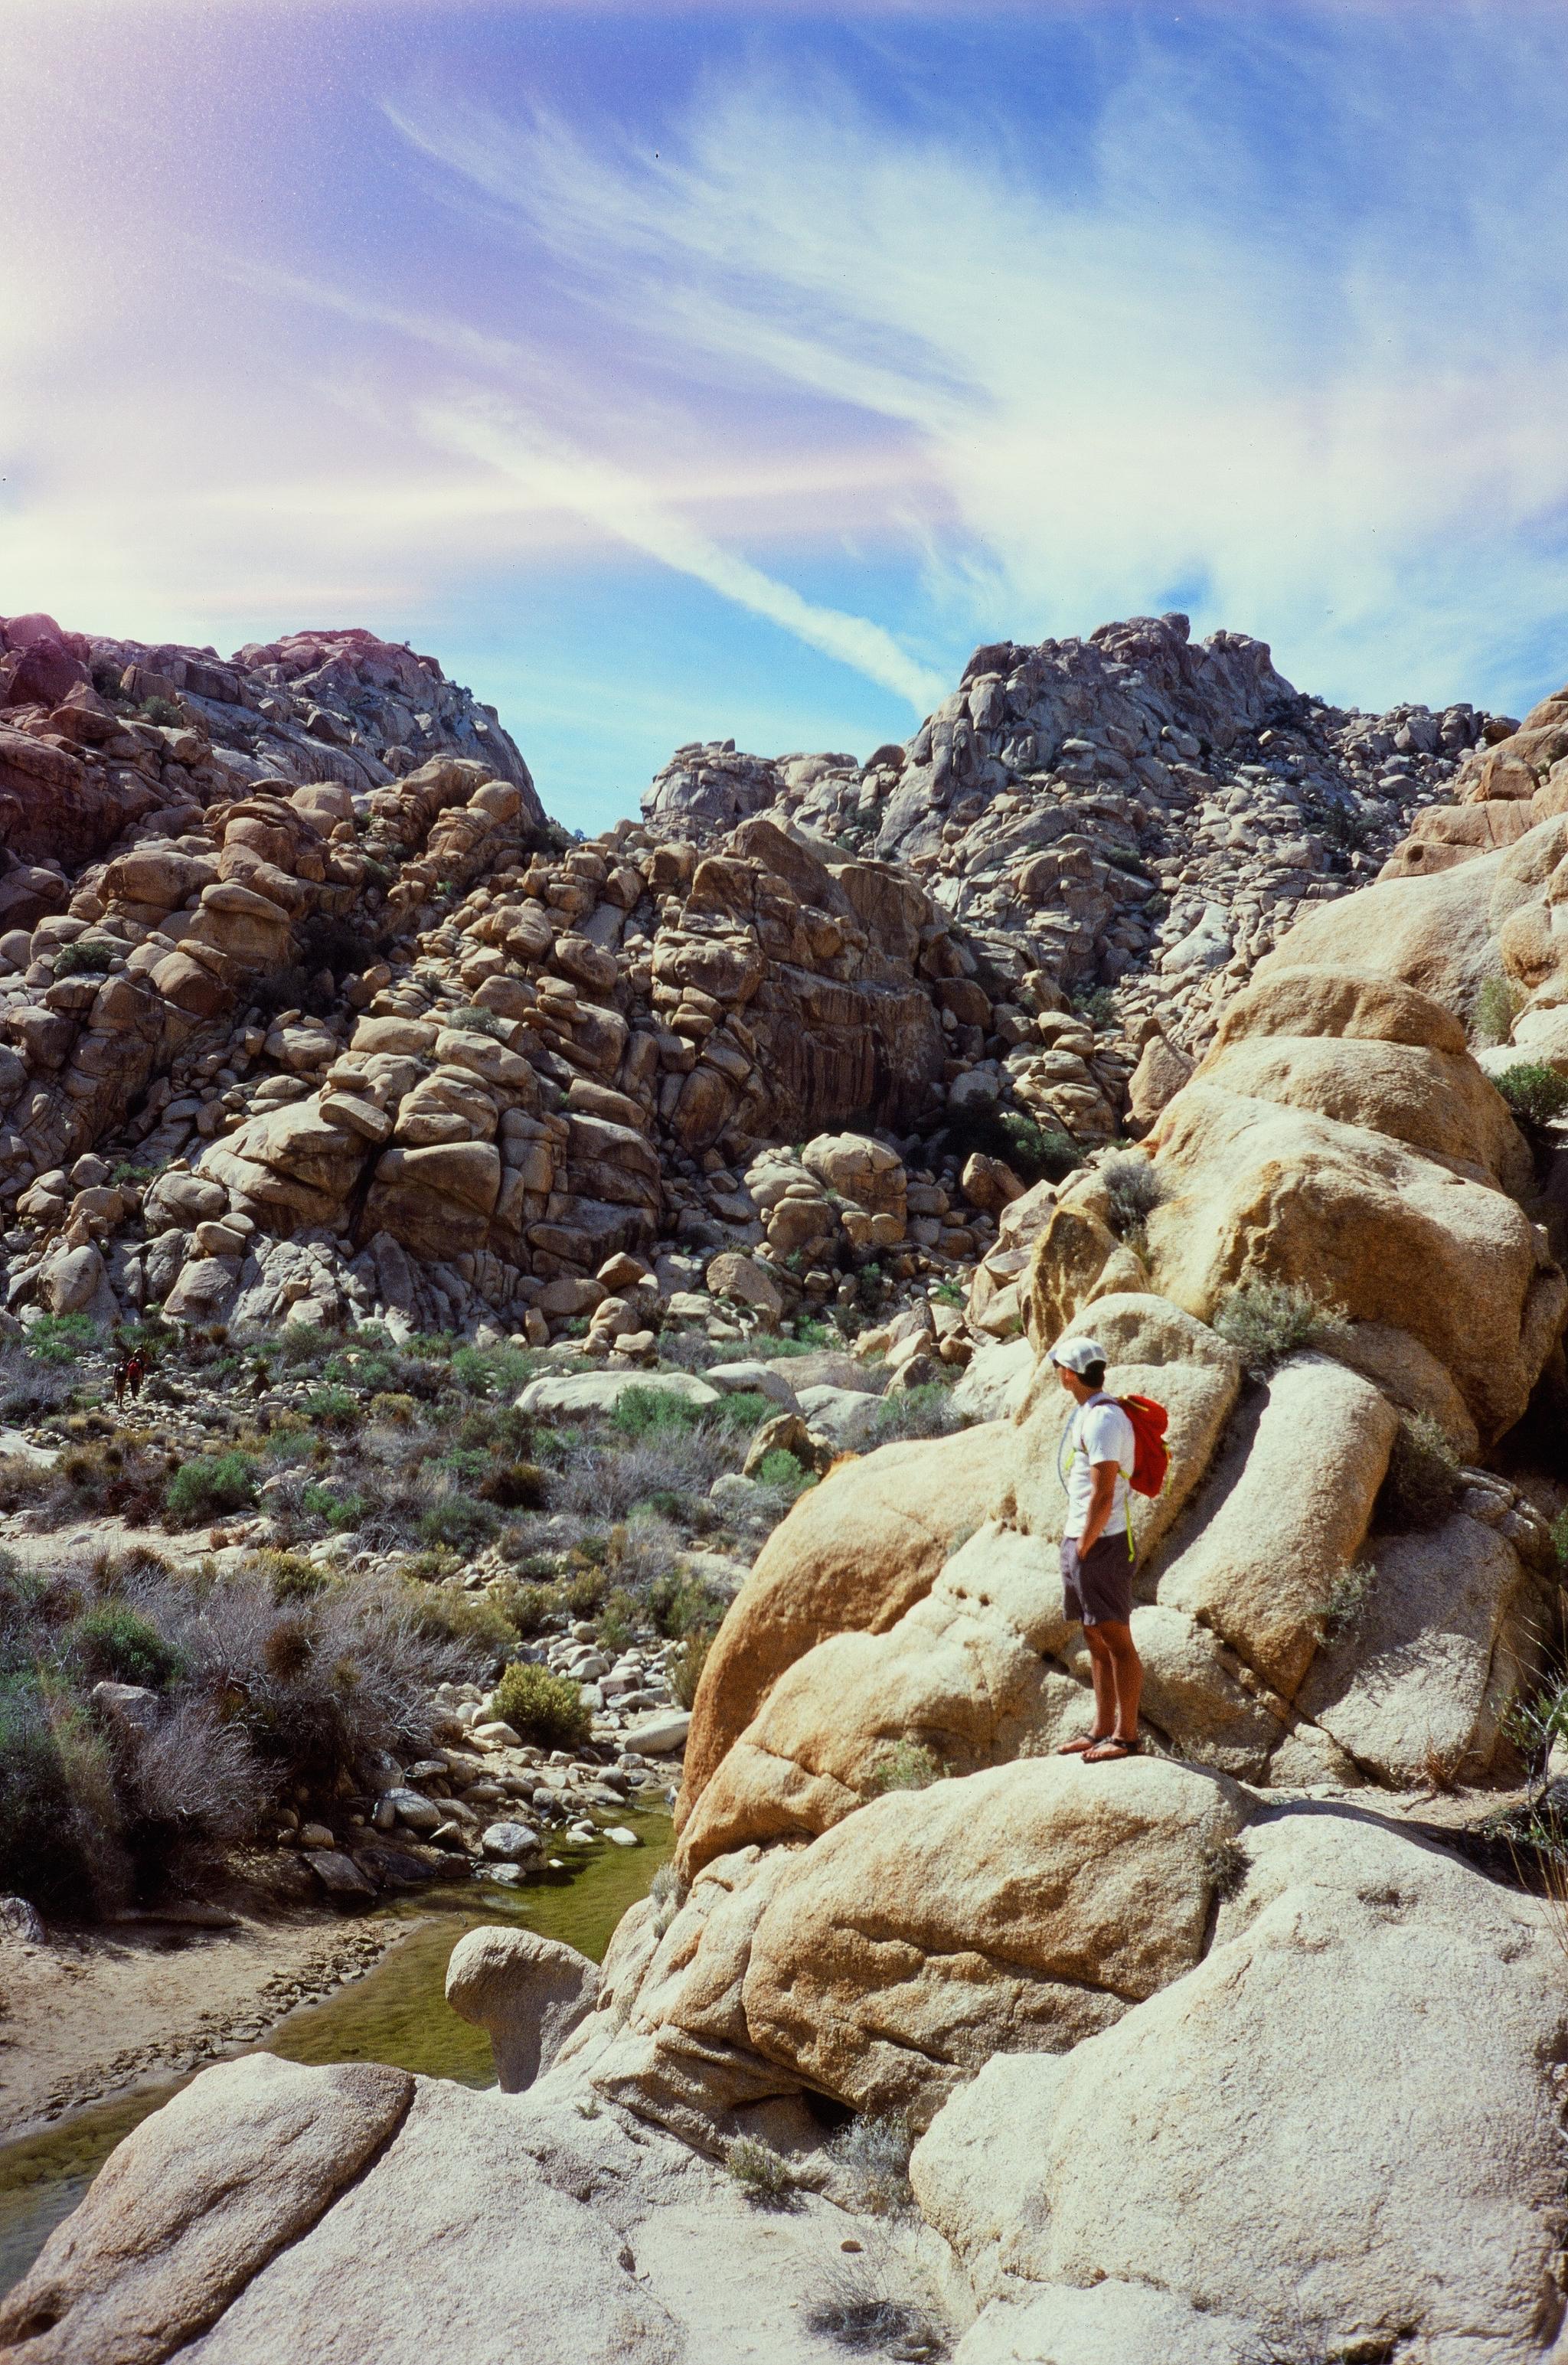 Owen in Rattlesnake Canyon, Joshua Tree NP, California